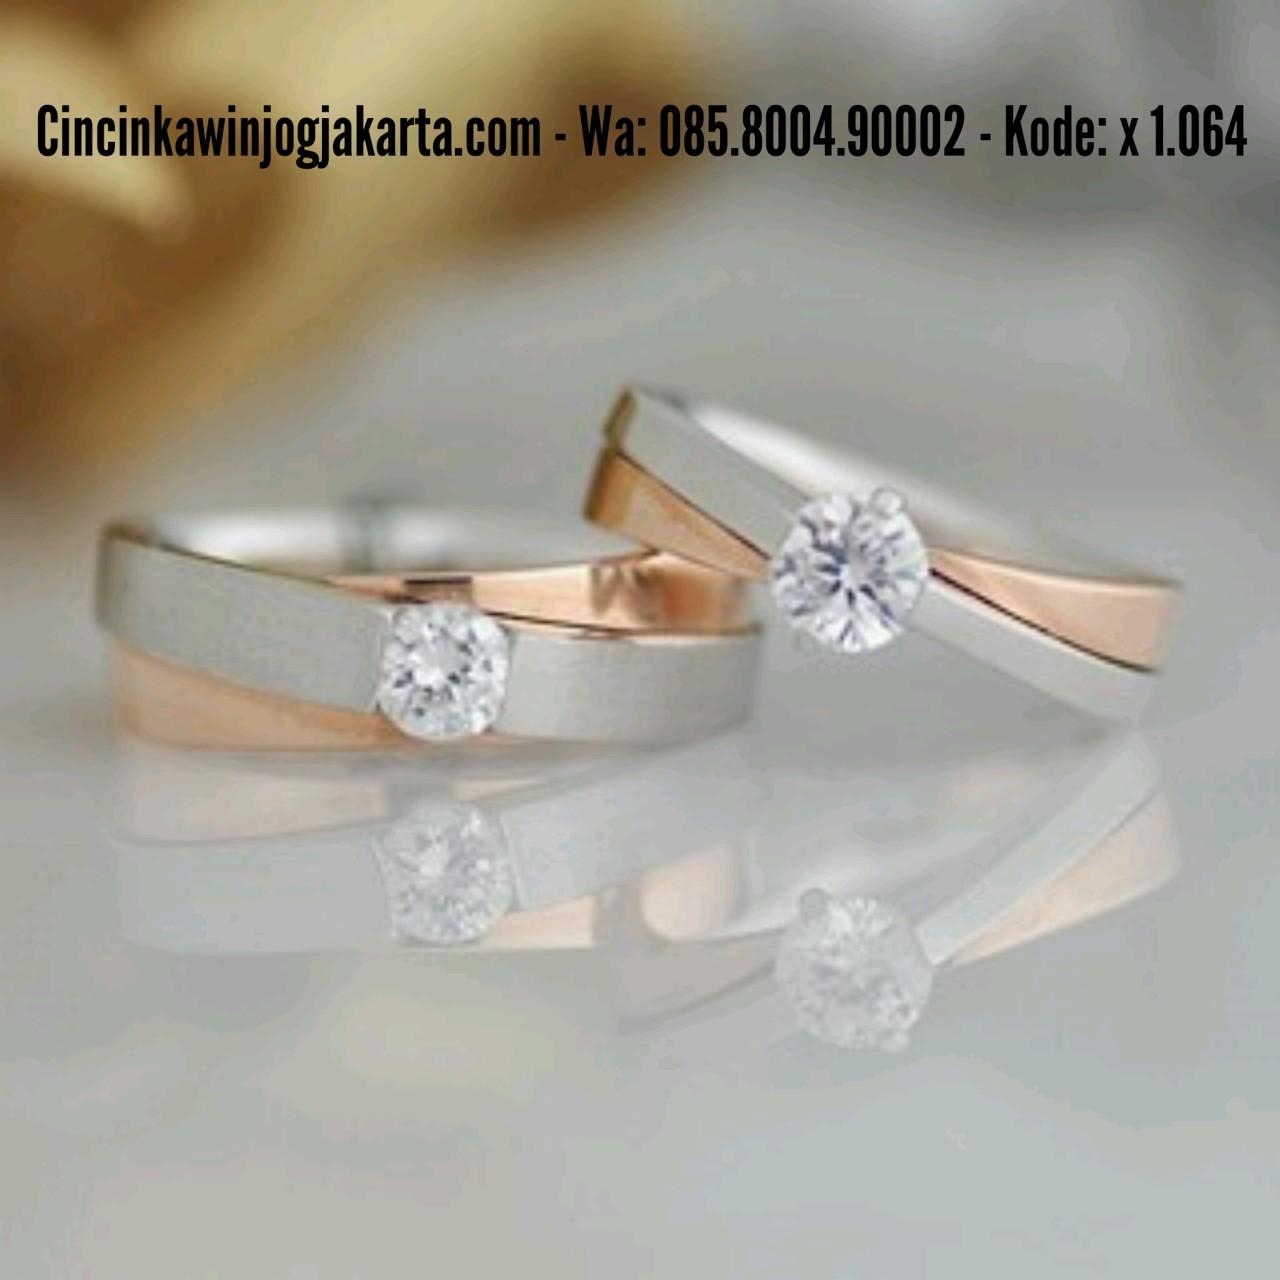 Jogja Blanja Shop Line Cincin Pernikahan Palladium 022 Kawin